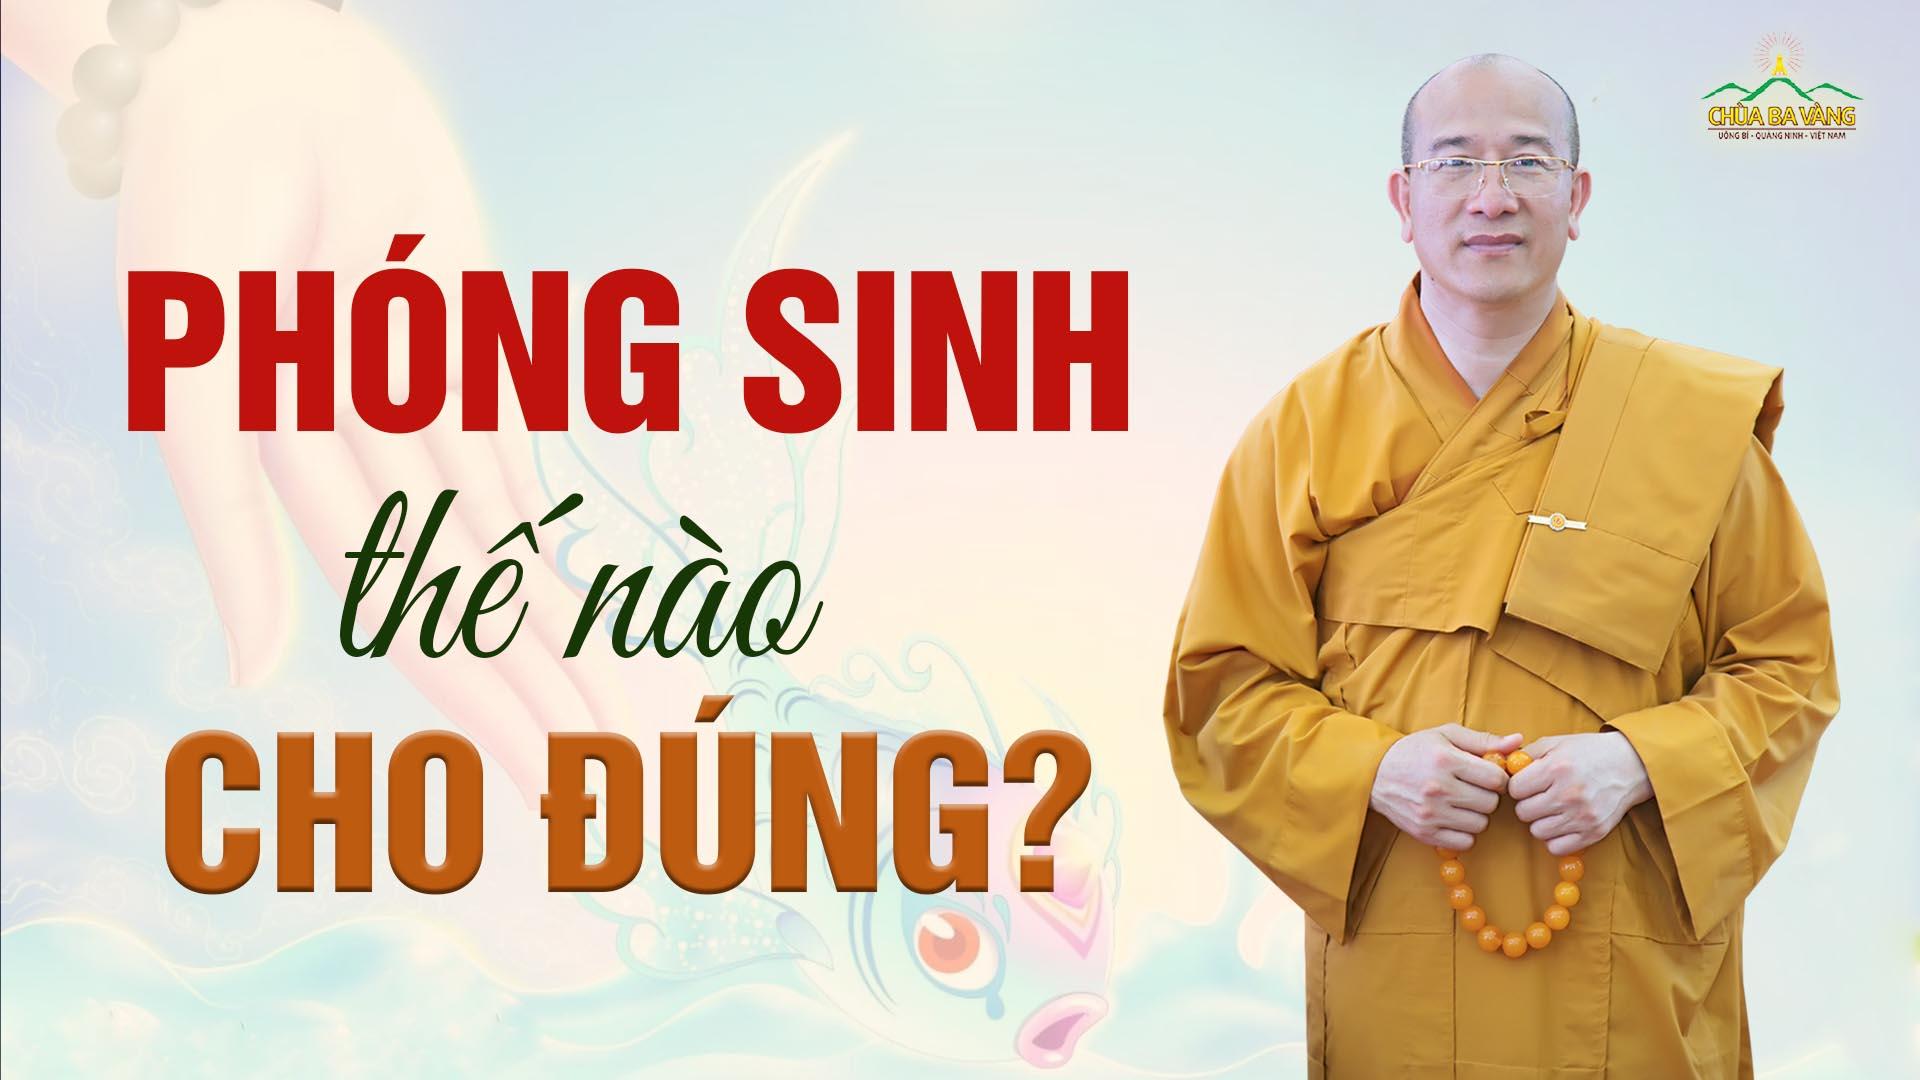 Phóng sinh thế nào cho đúng? - Vấn đáp Phật Pháp